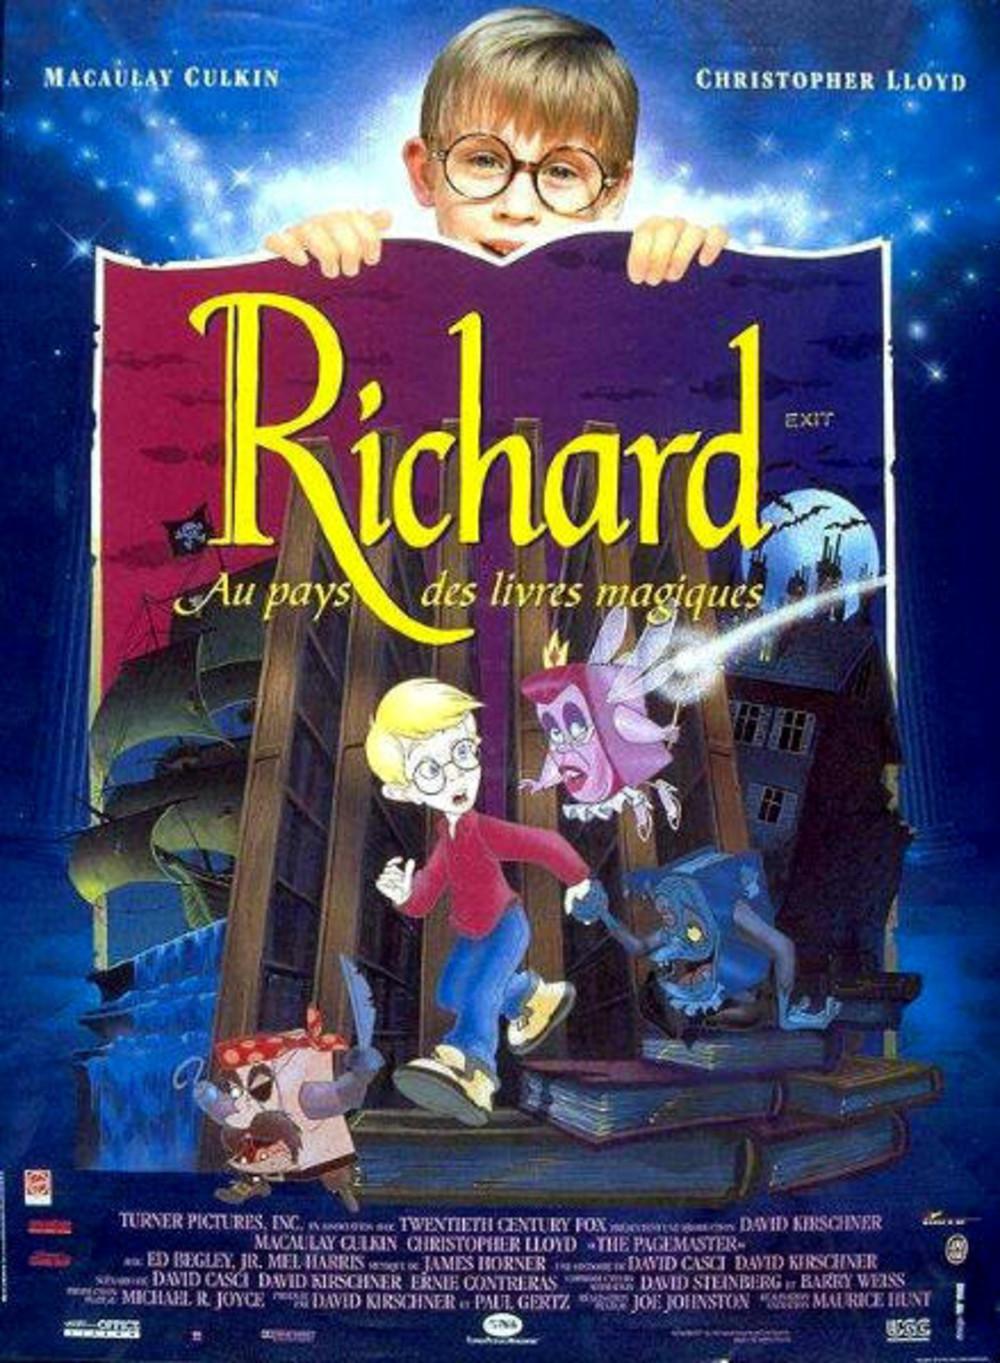 Richard_au_pays_des_livres_magiques.jpg